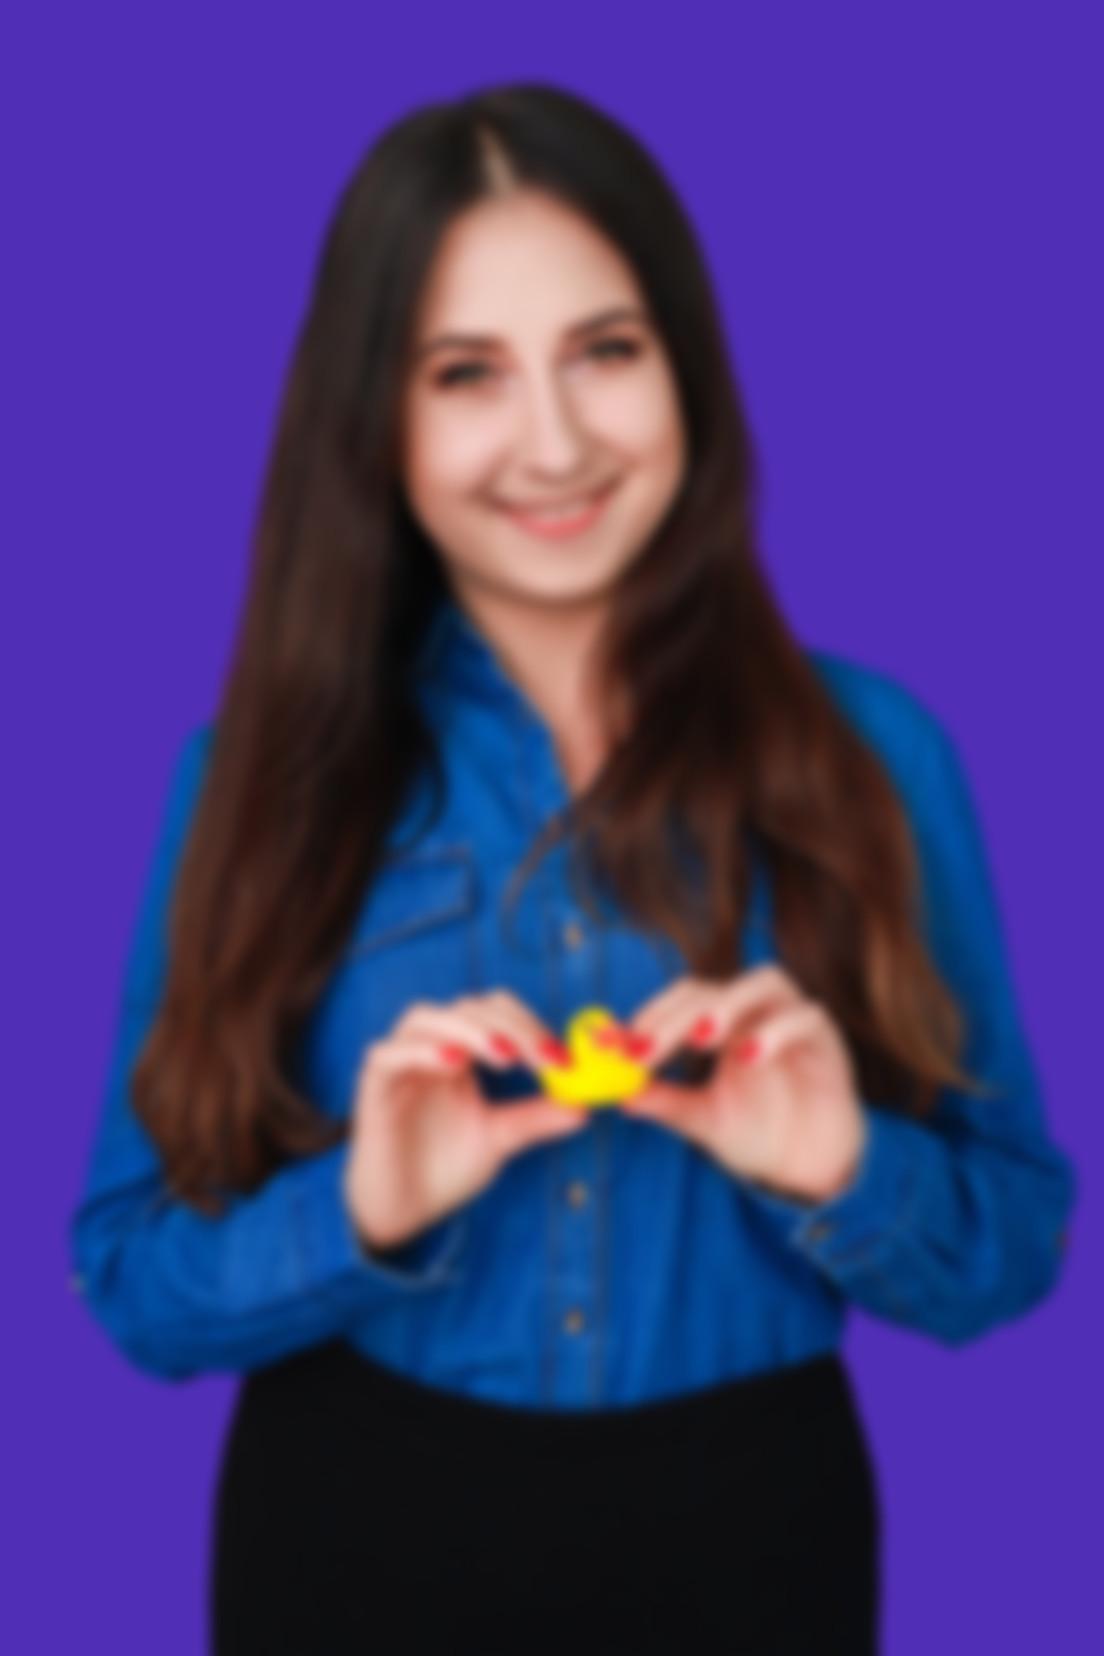 Zdjęcie na fioletowym tle Katarzyny